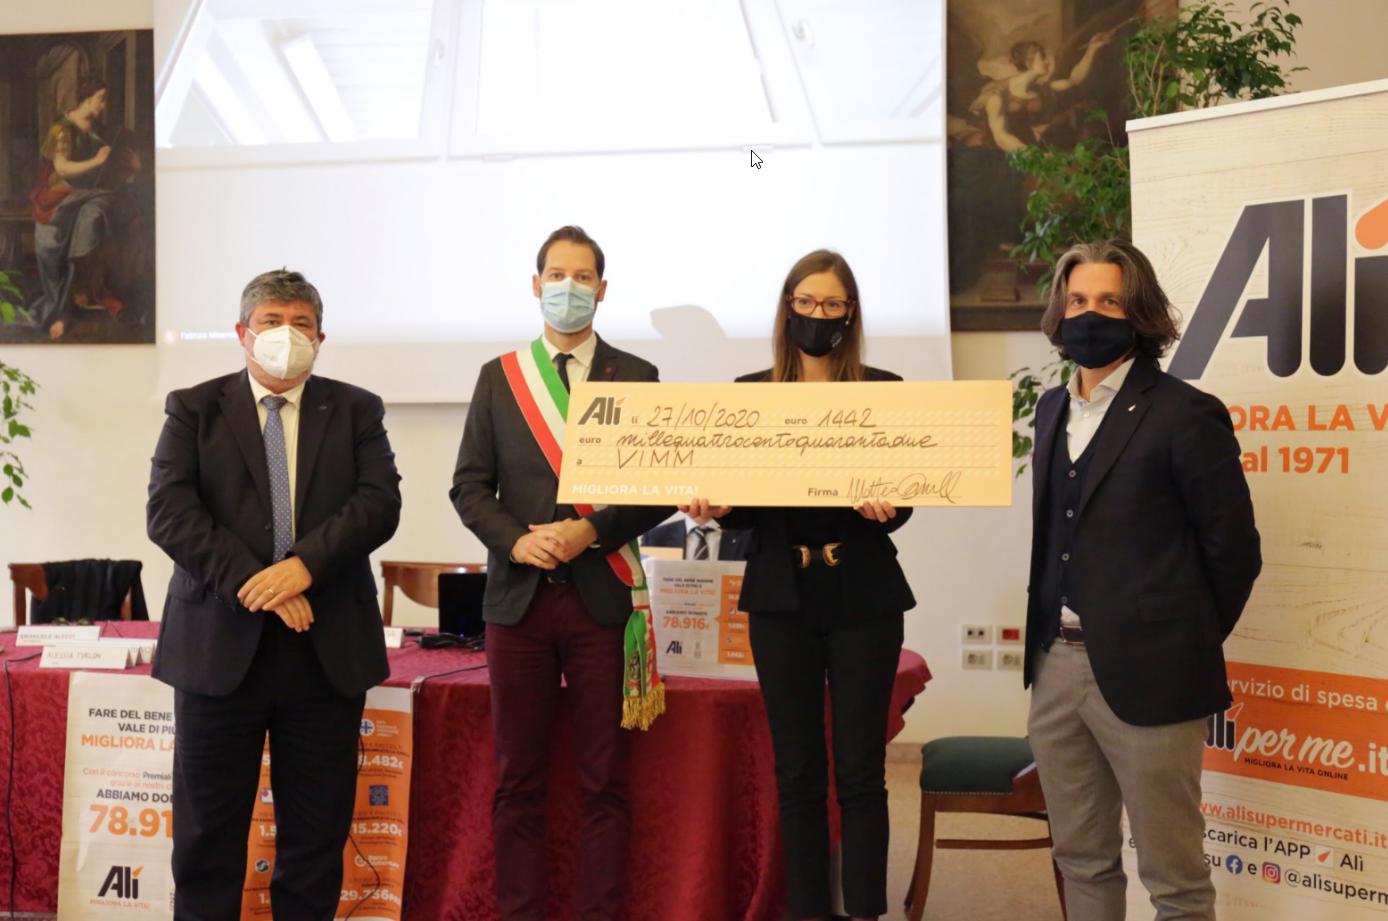 VIMM - Fondazione Ricerca Biomedica Avanzata